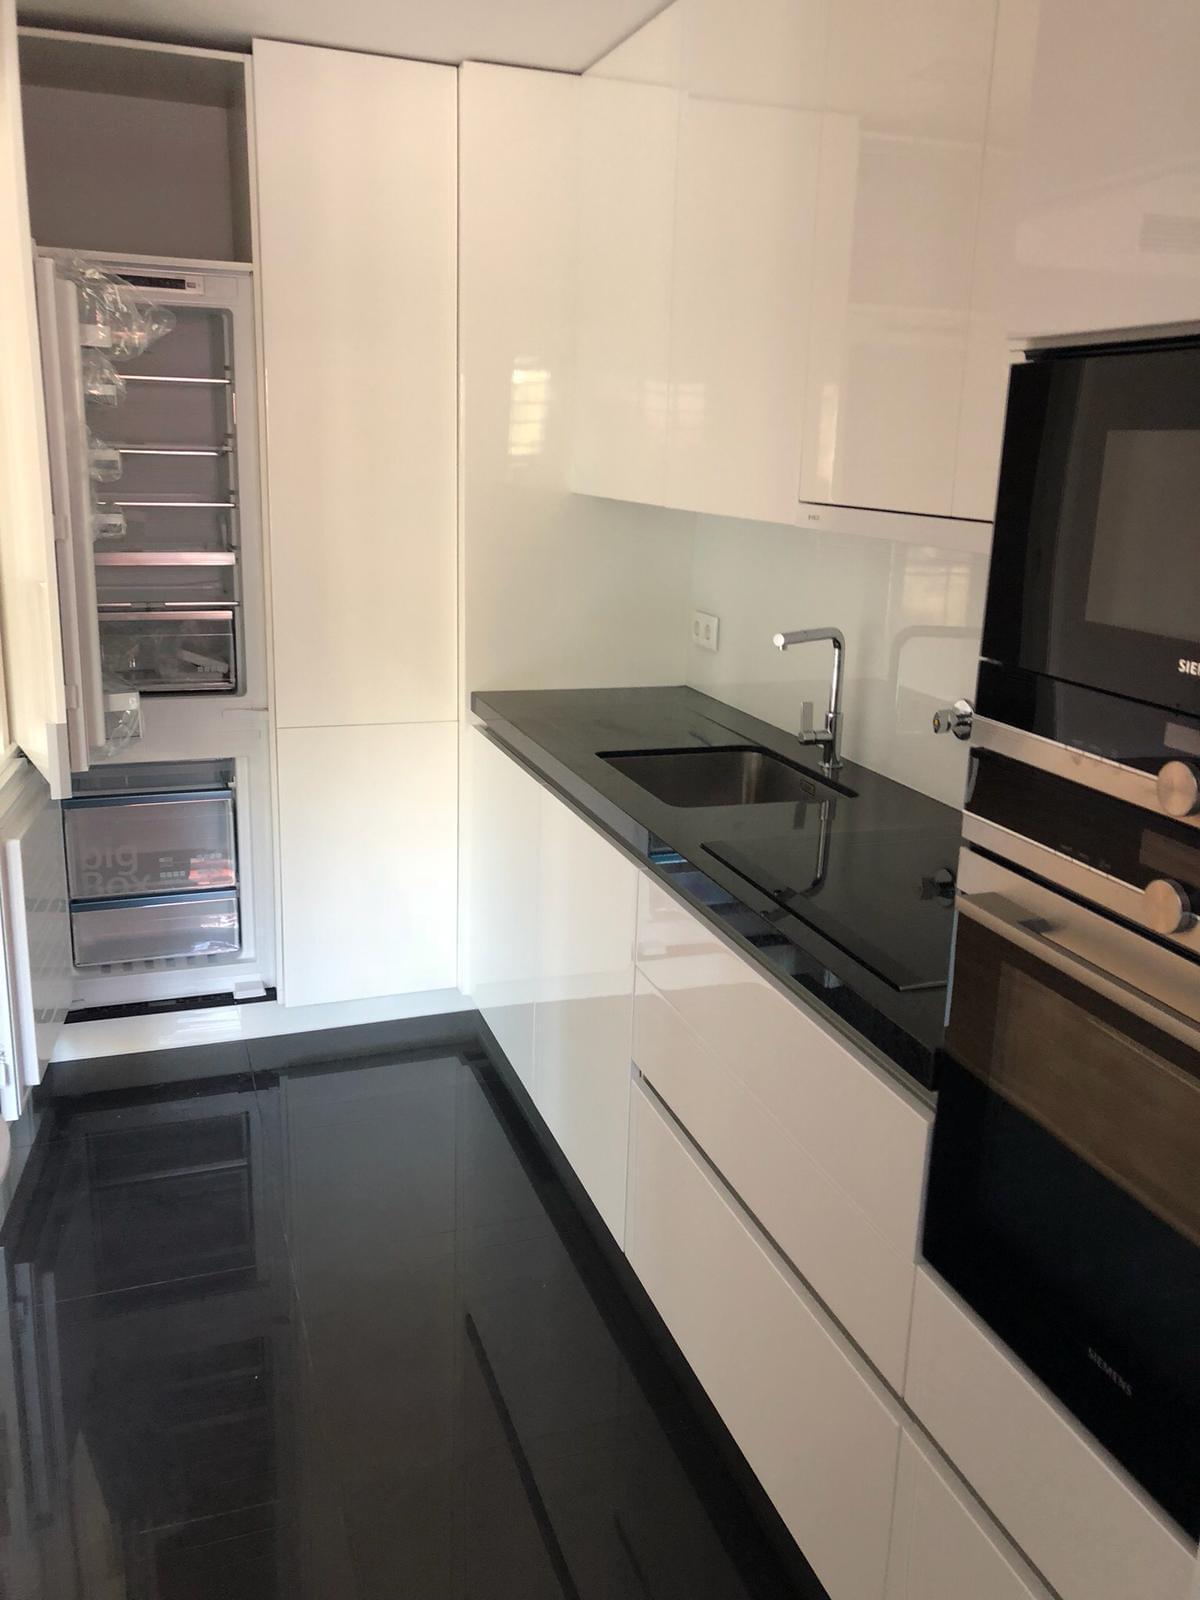 pf18232-apartamento-t2-lisboa-20f5ce50-9a76-4d08-b271-adfaba40878d